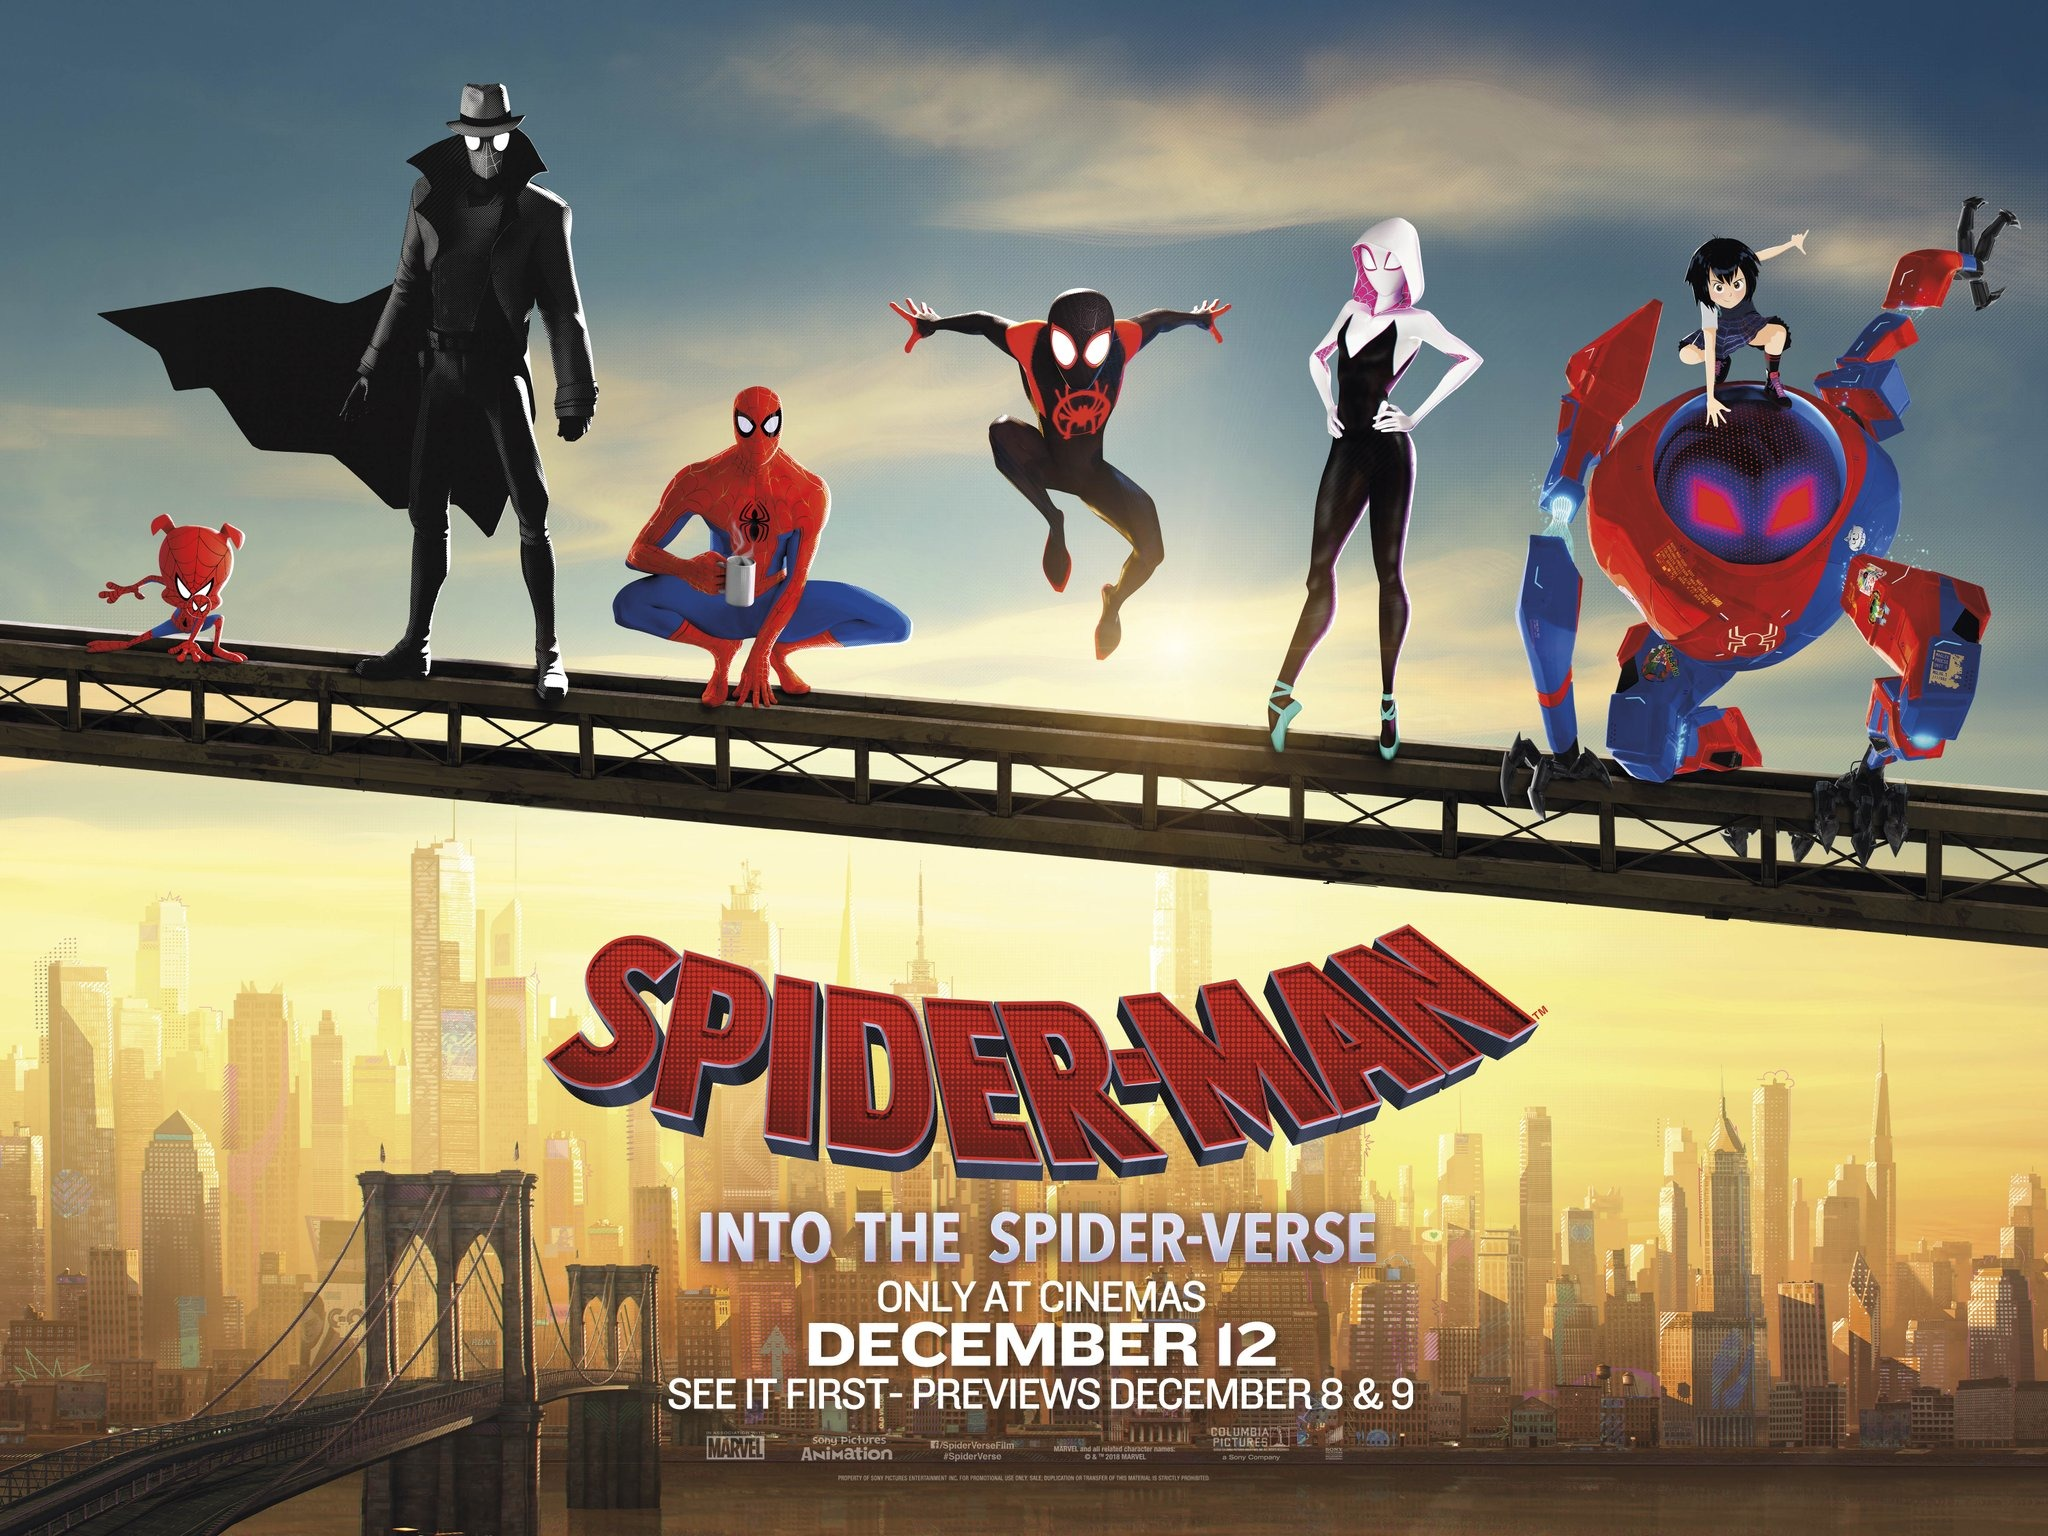 Spider-Man: Into the Spider-Verse (2018) 4K